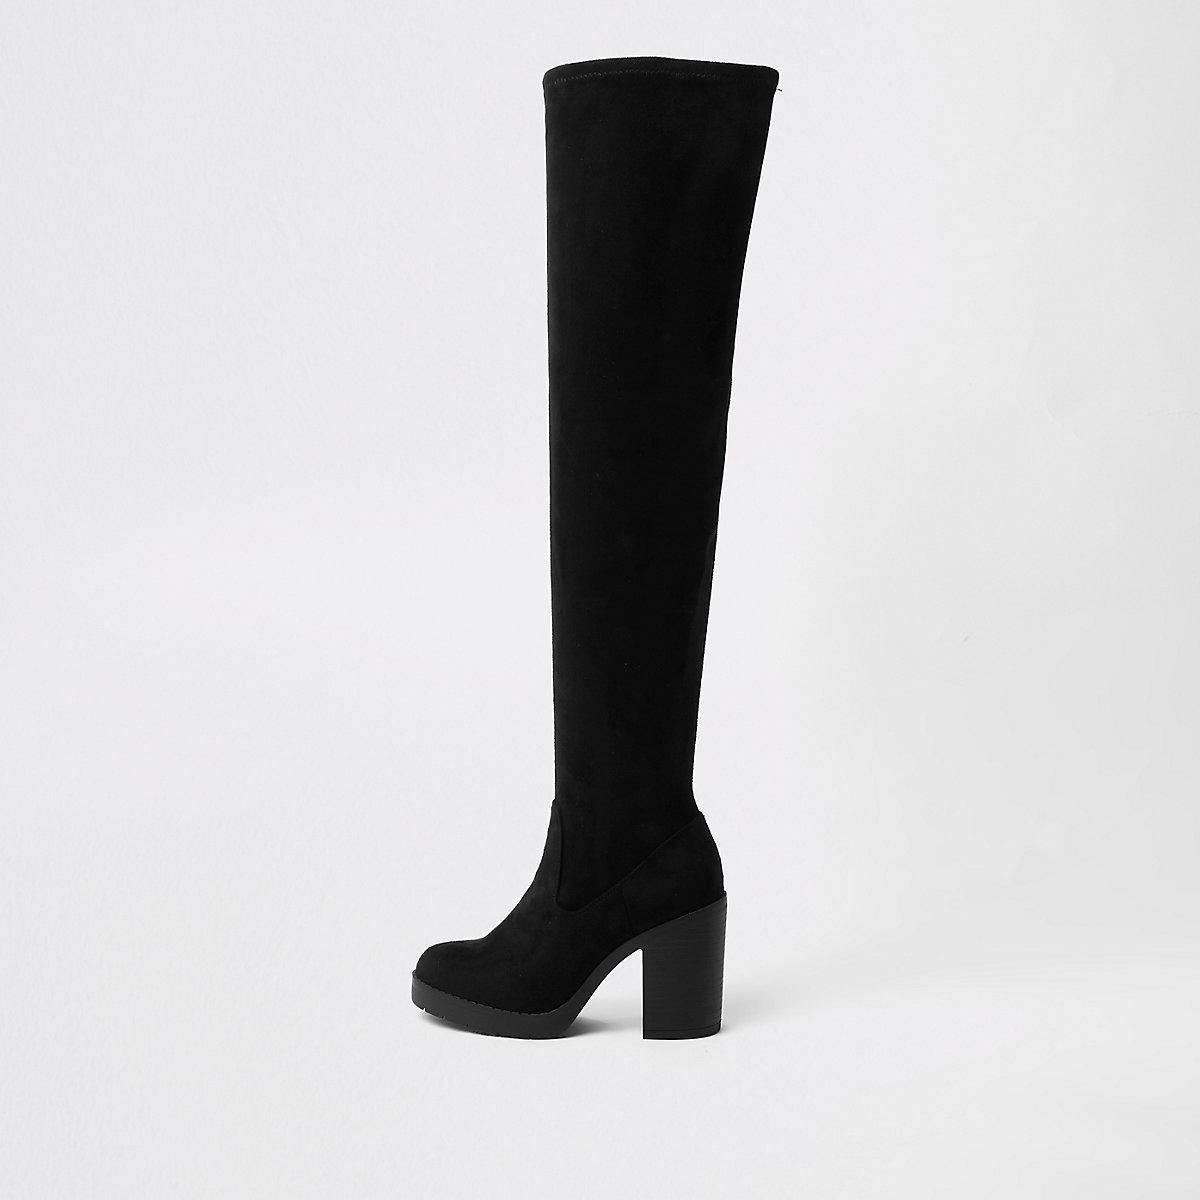 Schwarze, grobe Overknee-Stiefel mit weiter Passform